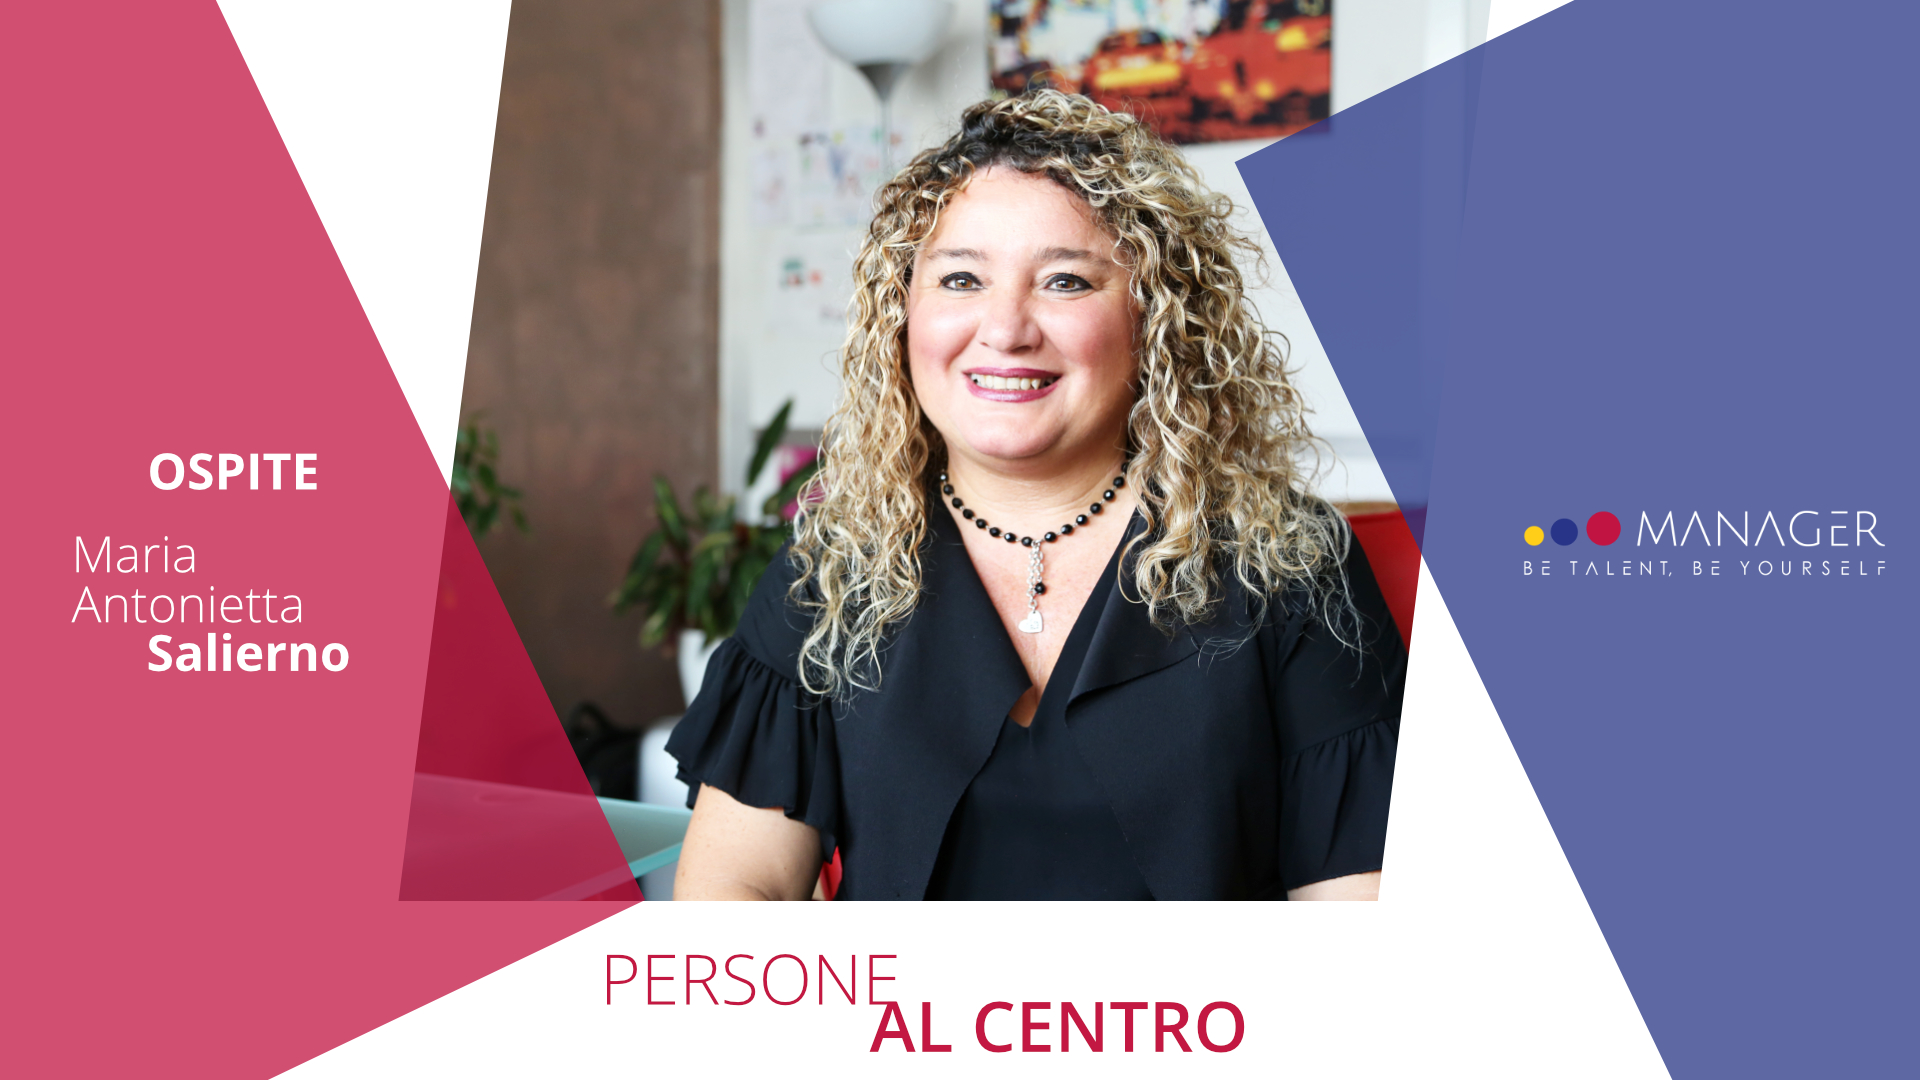 Persone al centro: Maria Antonietta Salierno